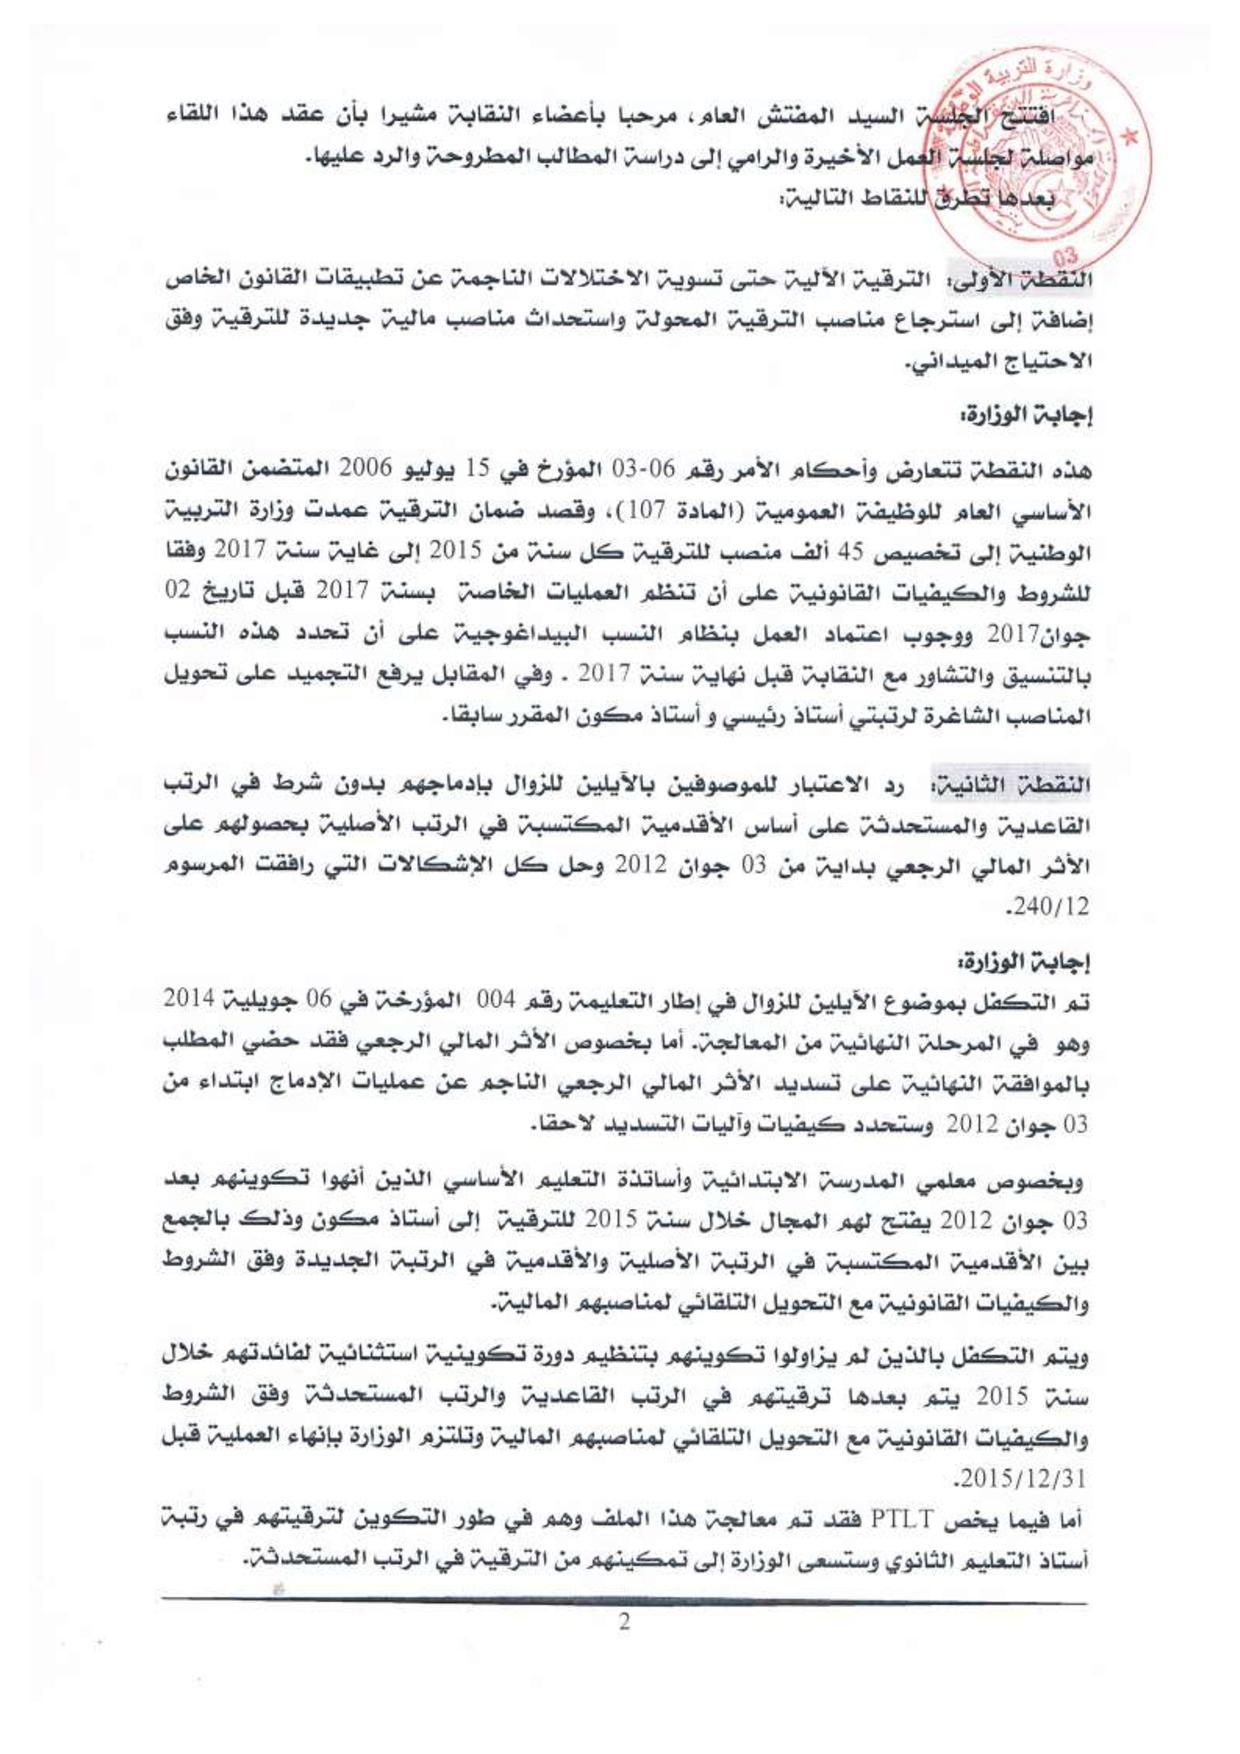 pv20150319-page-002.jpg